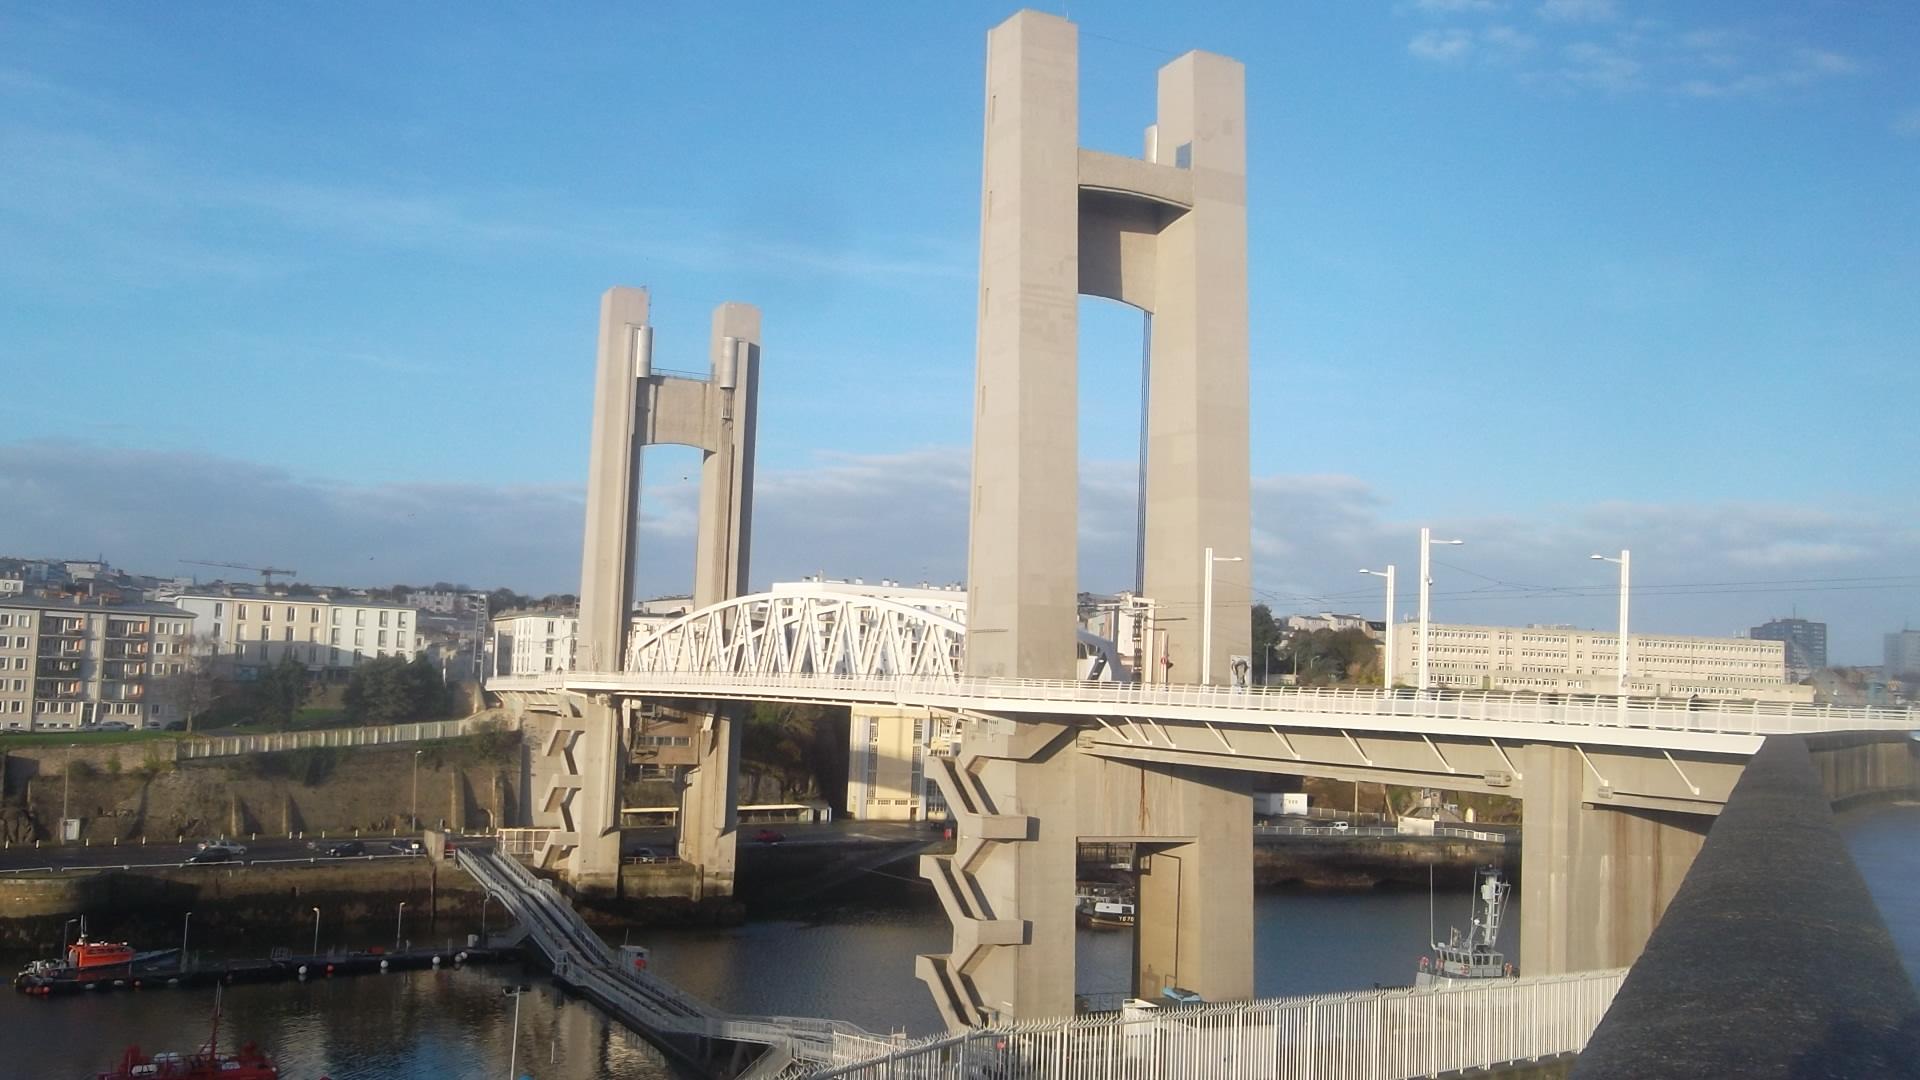 brest pont de recouvrance castle side nov13